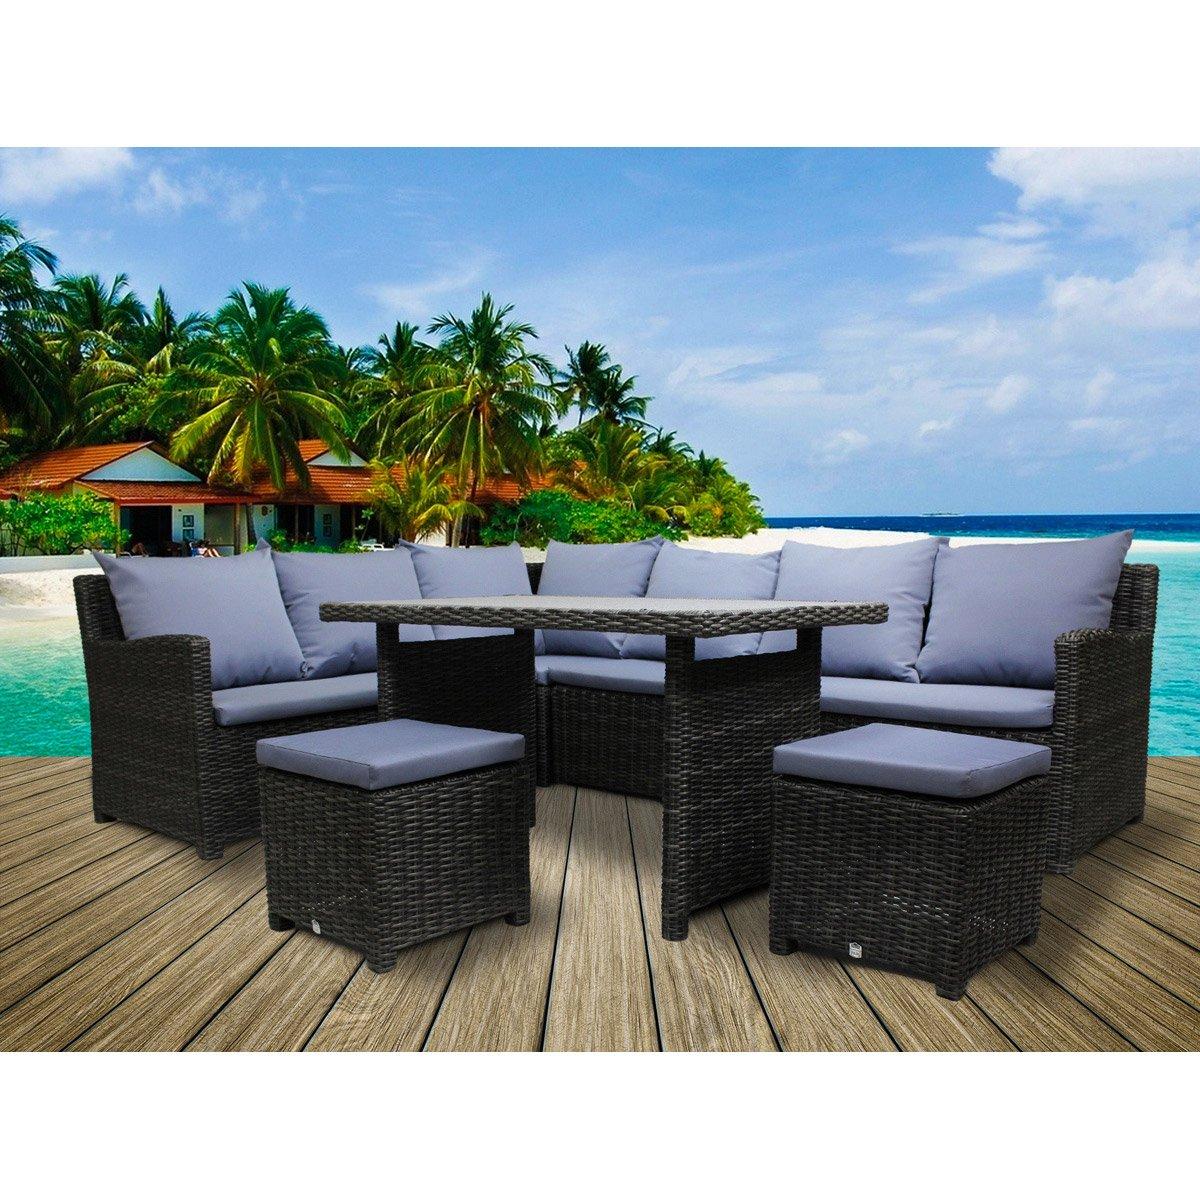 Salon De Jardin Dangle Avec Table Haute - The Best Undercut ... intérieur Salon De Jardin Table Haute